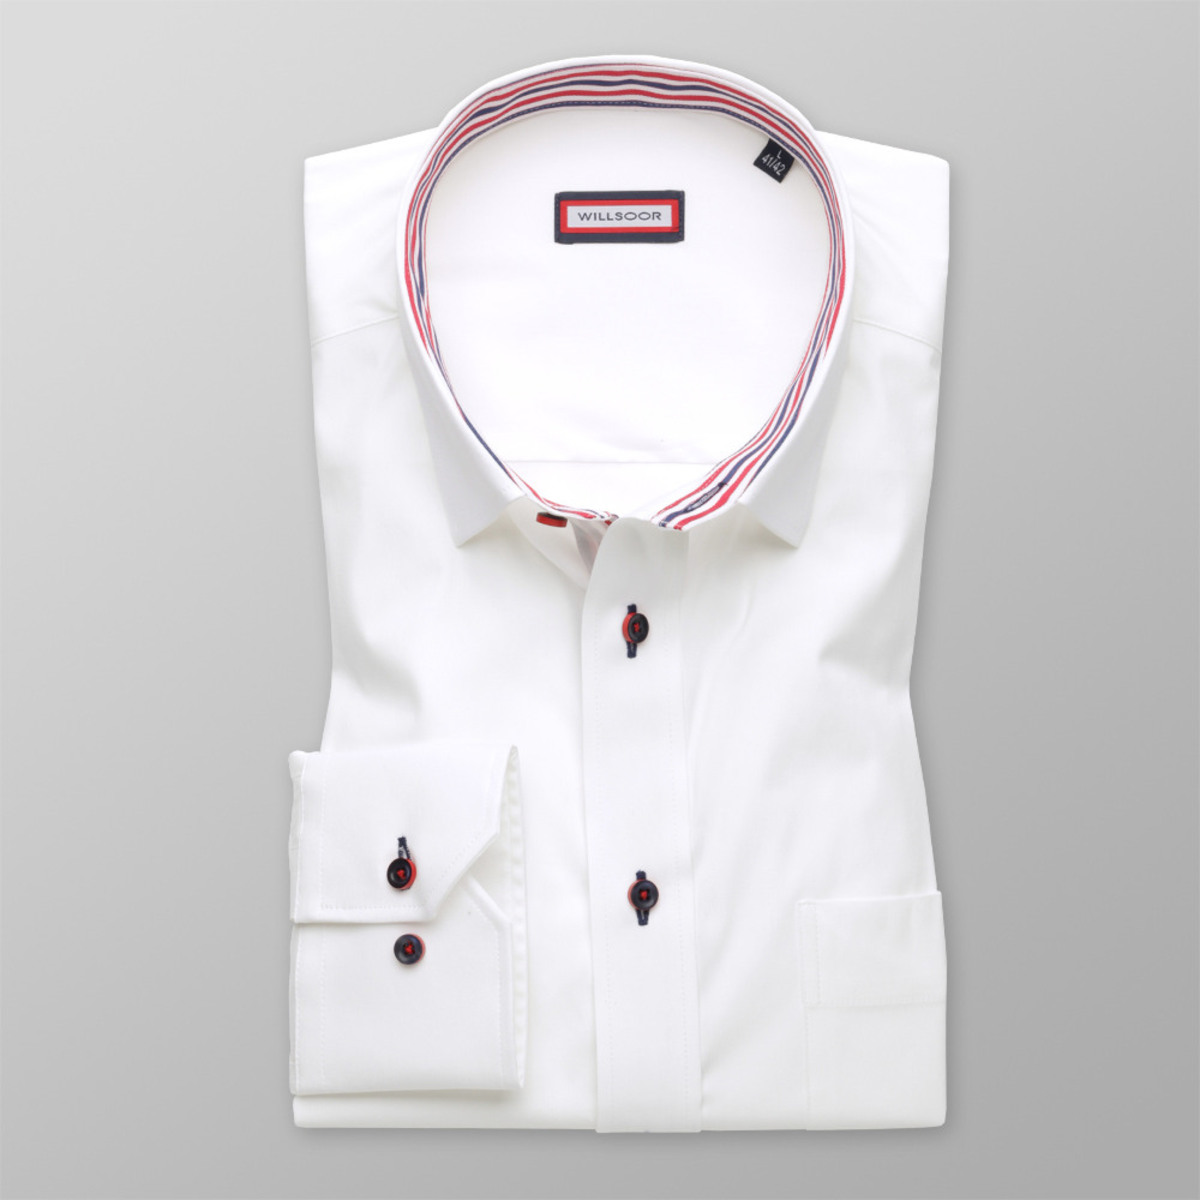 Pánska klasická košeľa (výška 176-182 i 188-194) 8706 v biele farbe 188-194 / XL (43/44)